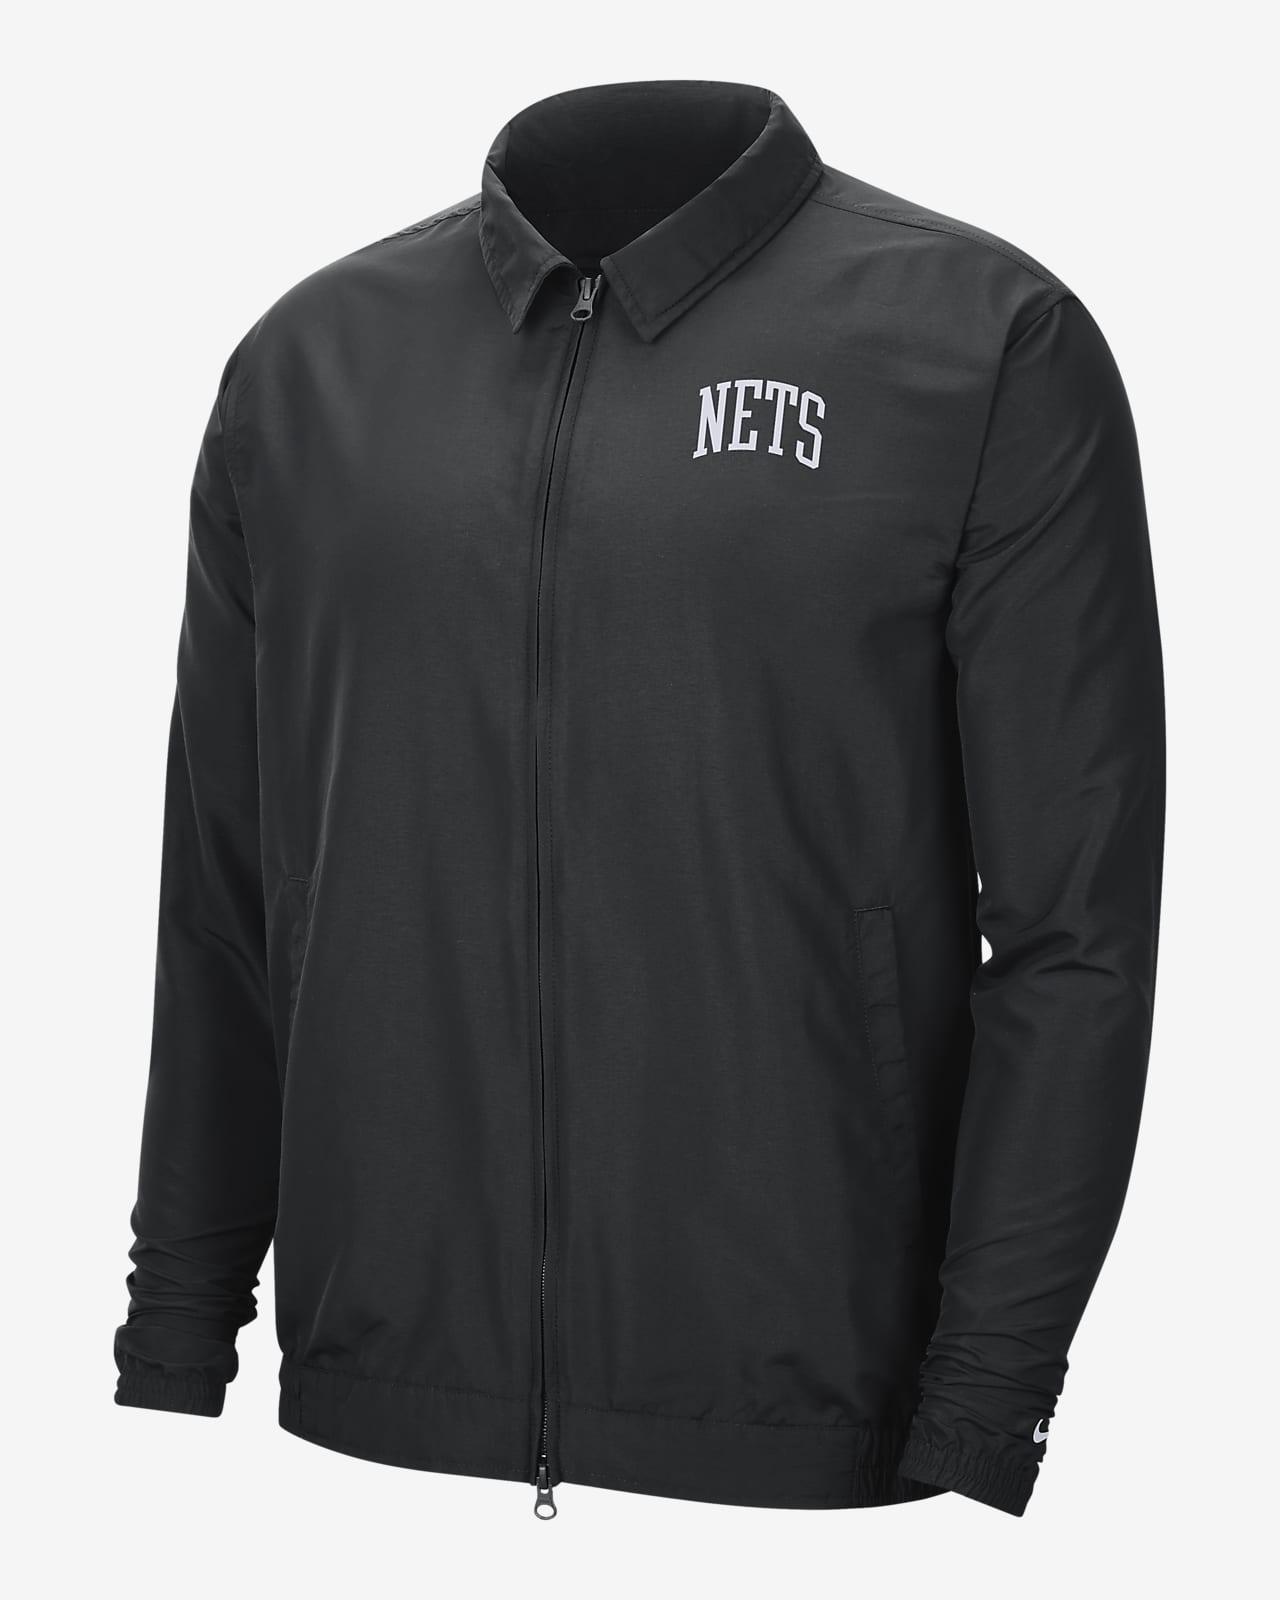 Brooklyn Nets Men's Nike NBA Lightweight Jacket